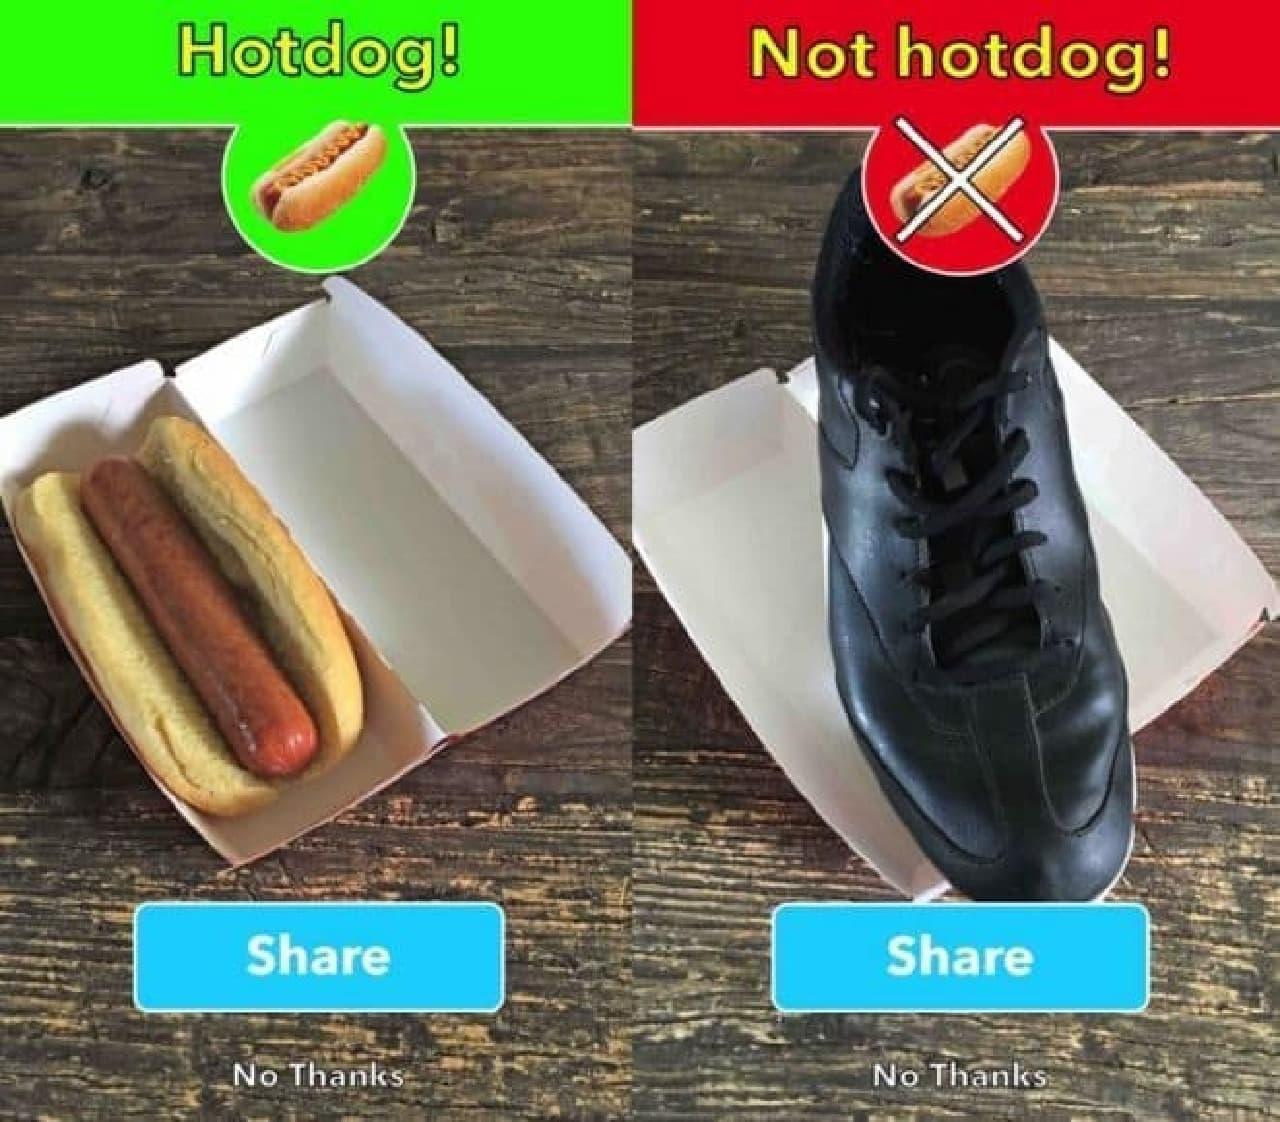 「ホットドッグかそうでないか」を判定できるアプリ「Not Hotdog」